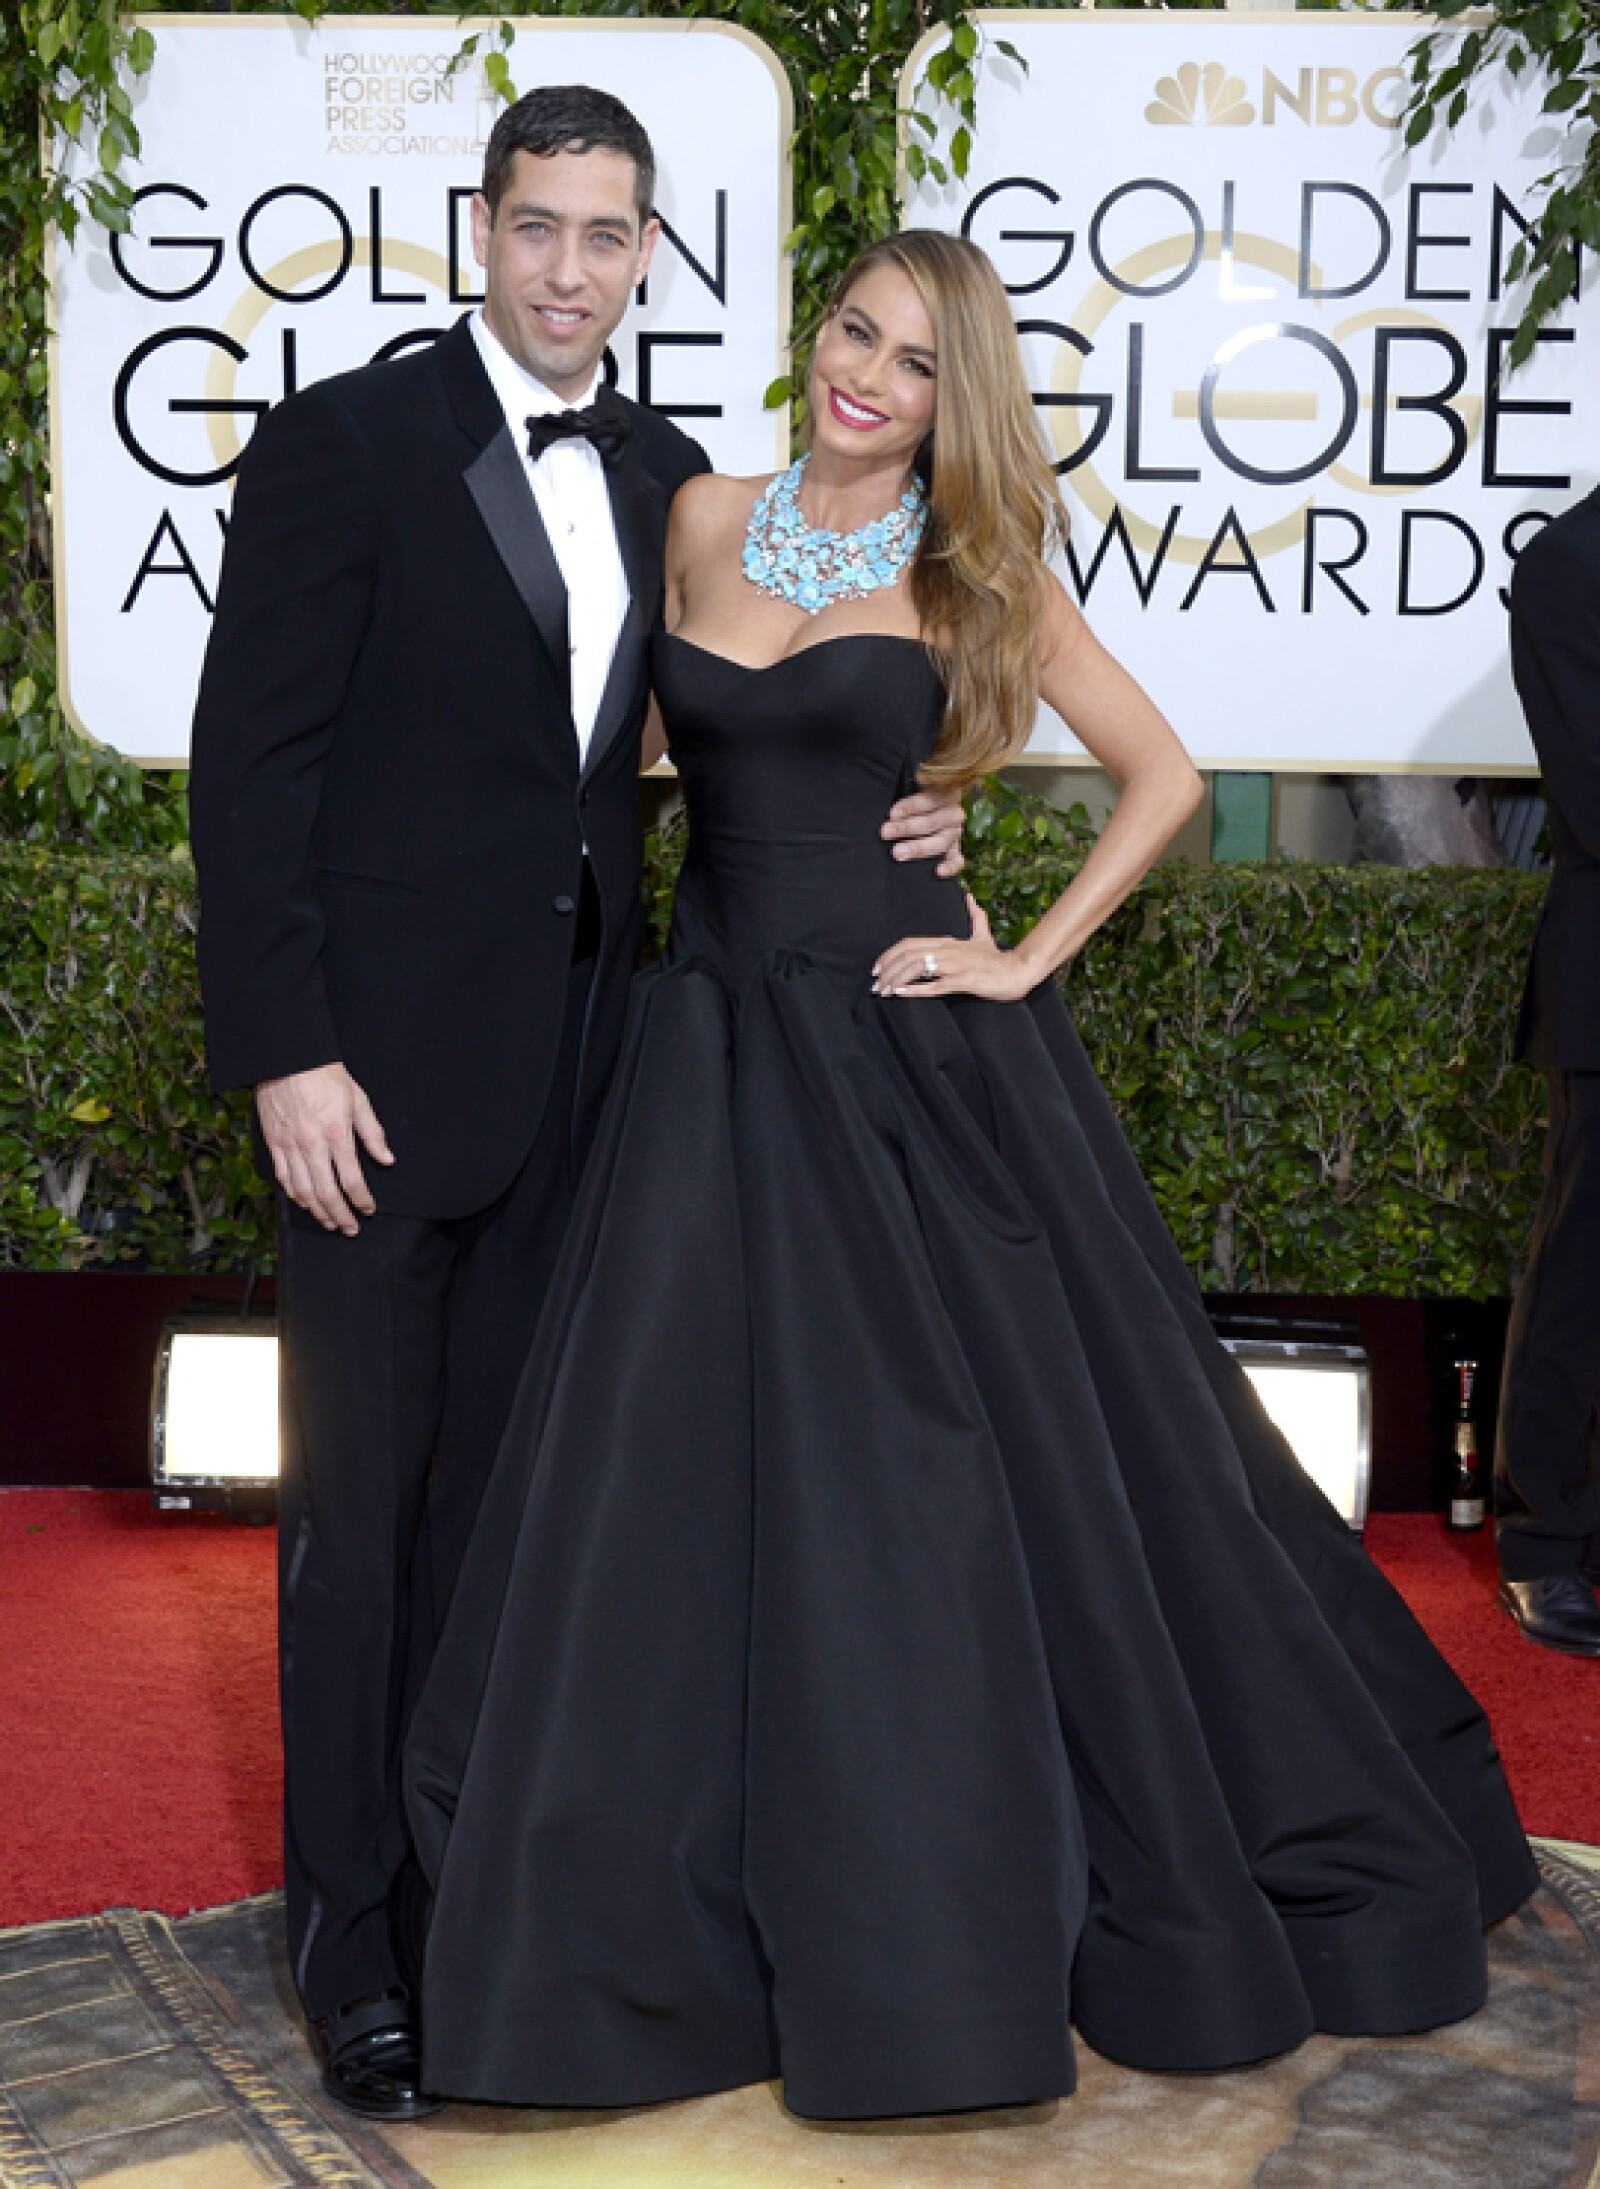 Apagando rumores de separación, Sofía Vergara llegó con Nick Loeb.